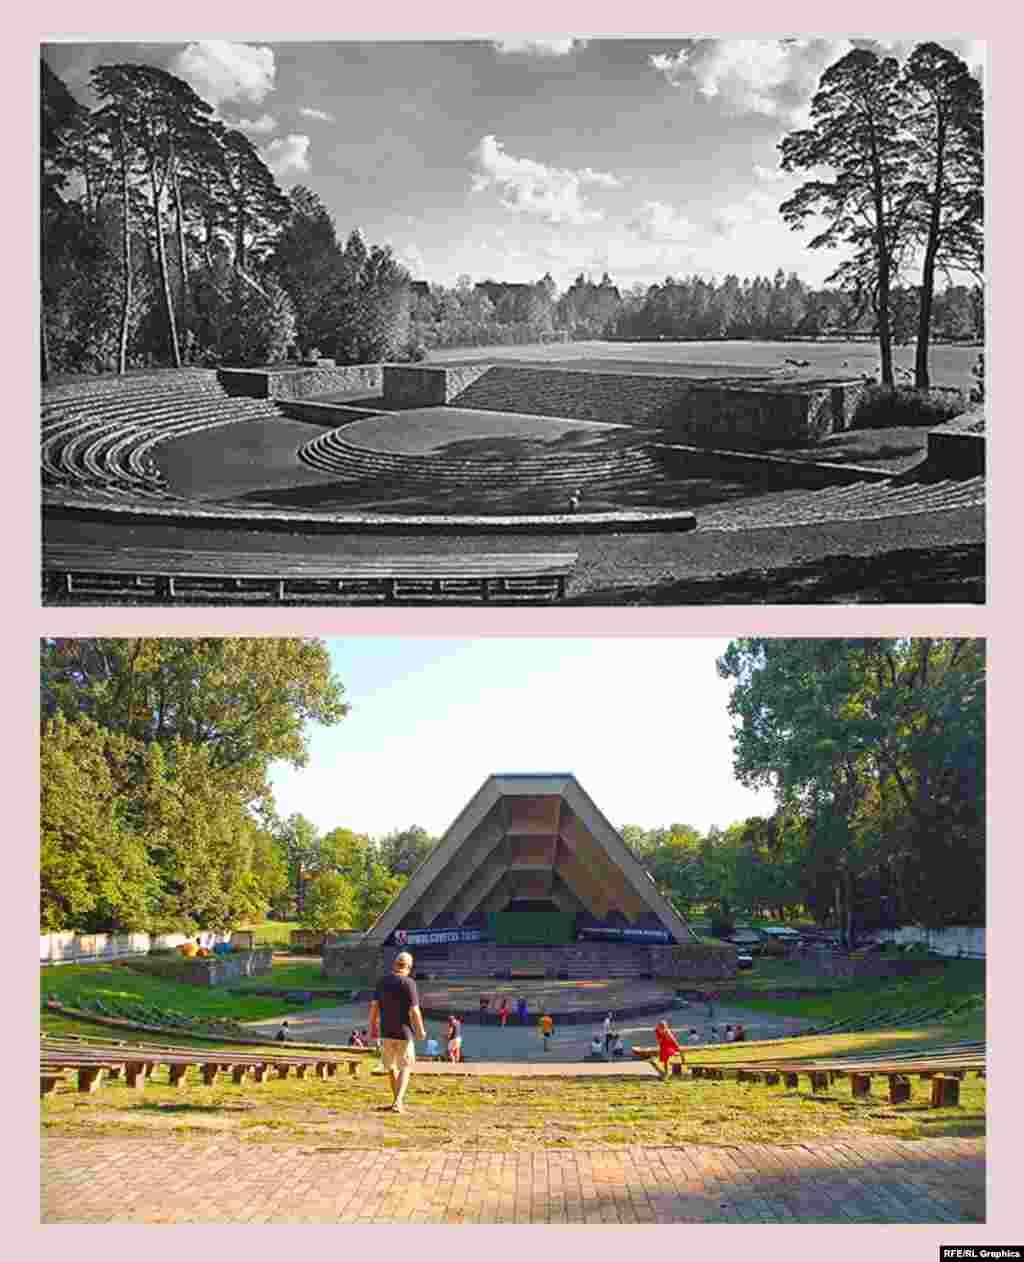 Советск (ранее – Тильзит), Зеленый театр (ранее – Тинг) Тинги – амфитеатры в форме подковы, предназначенные для собраний патриотической молодежи Третьего рейха. Нацистское министерство пропаганды планировало построить по всей стране 1200 тингов, на деле было возведено 40. Тильзитский тинг появился в 1935 году. Тинги находились на открытых площадках, визуально включавших в себя окрестные пейзажи. Сцена, возведенная в послевоенные годы, лишила тинг в Советске именно этой черты. Зато современный лозунг справа, гласящий «Сильная Россия – Единая Россия», как раз очень точно соответствует изначальному духу места.